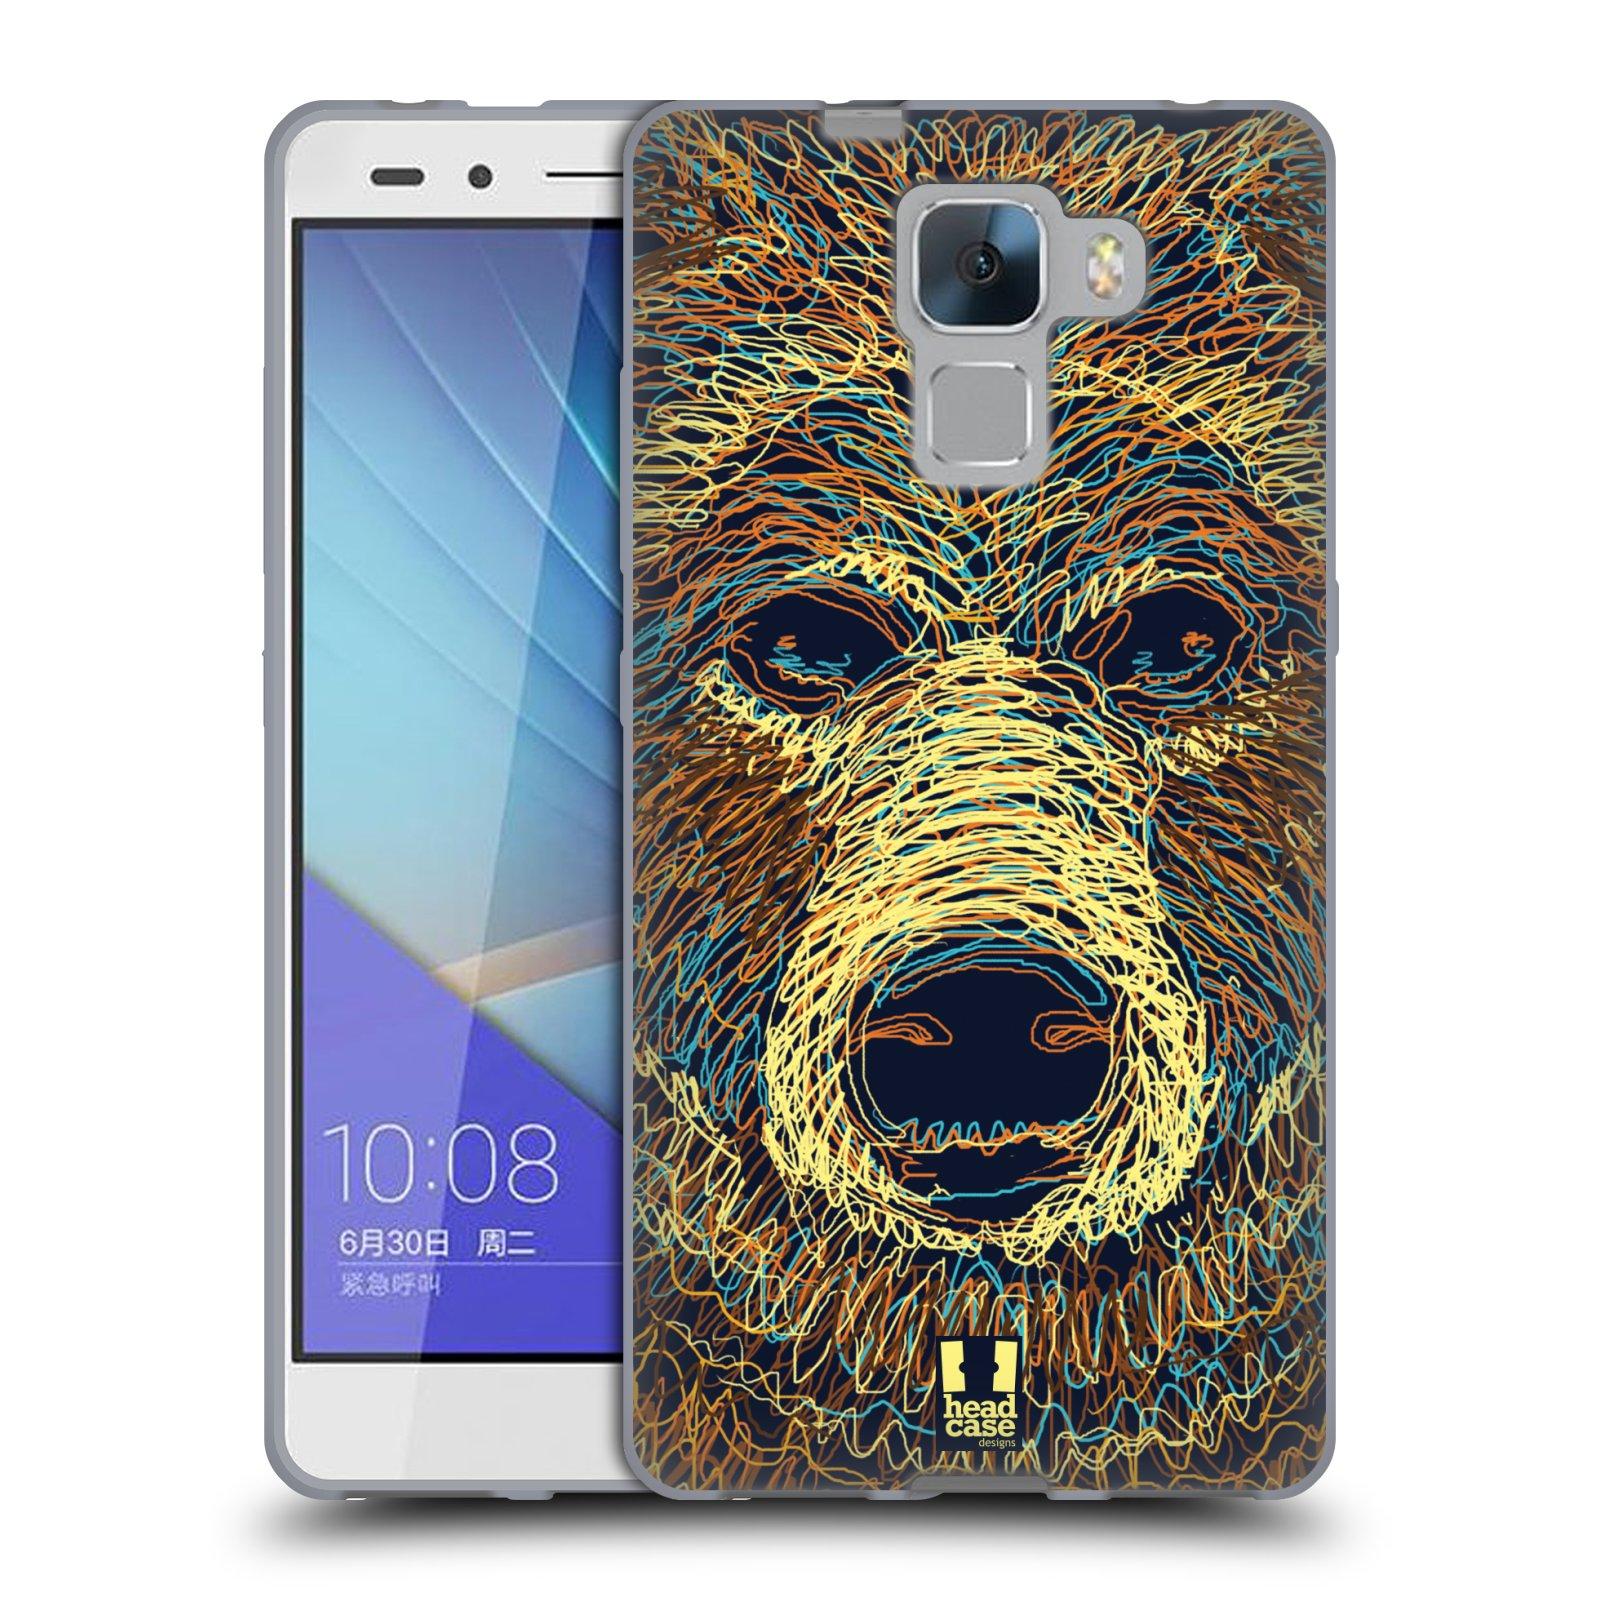 HEAD CASE silikonový obal na mobil HUAWEI HONOR 7 vzor zvíře čmáranice medvěd